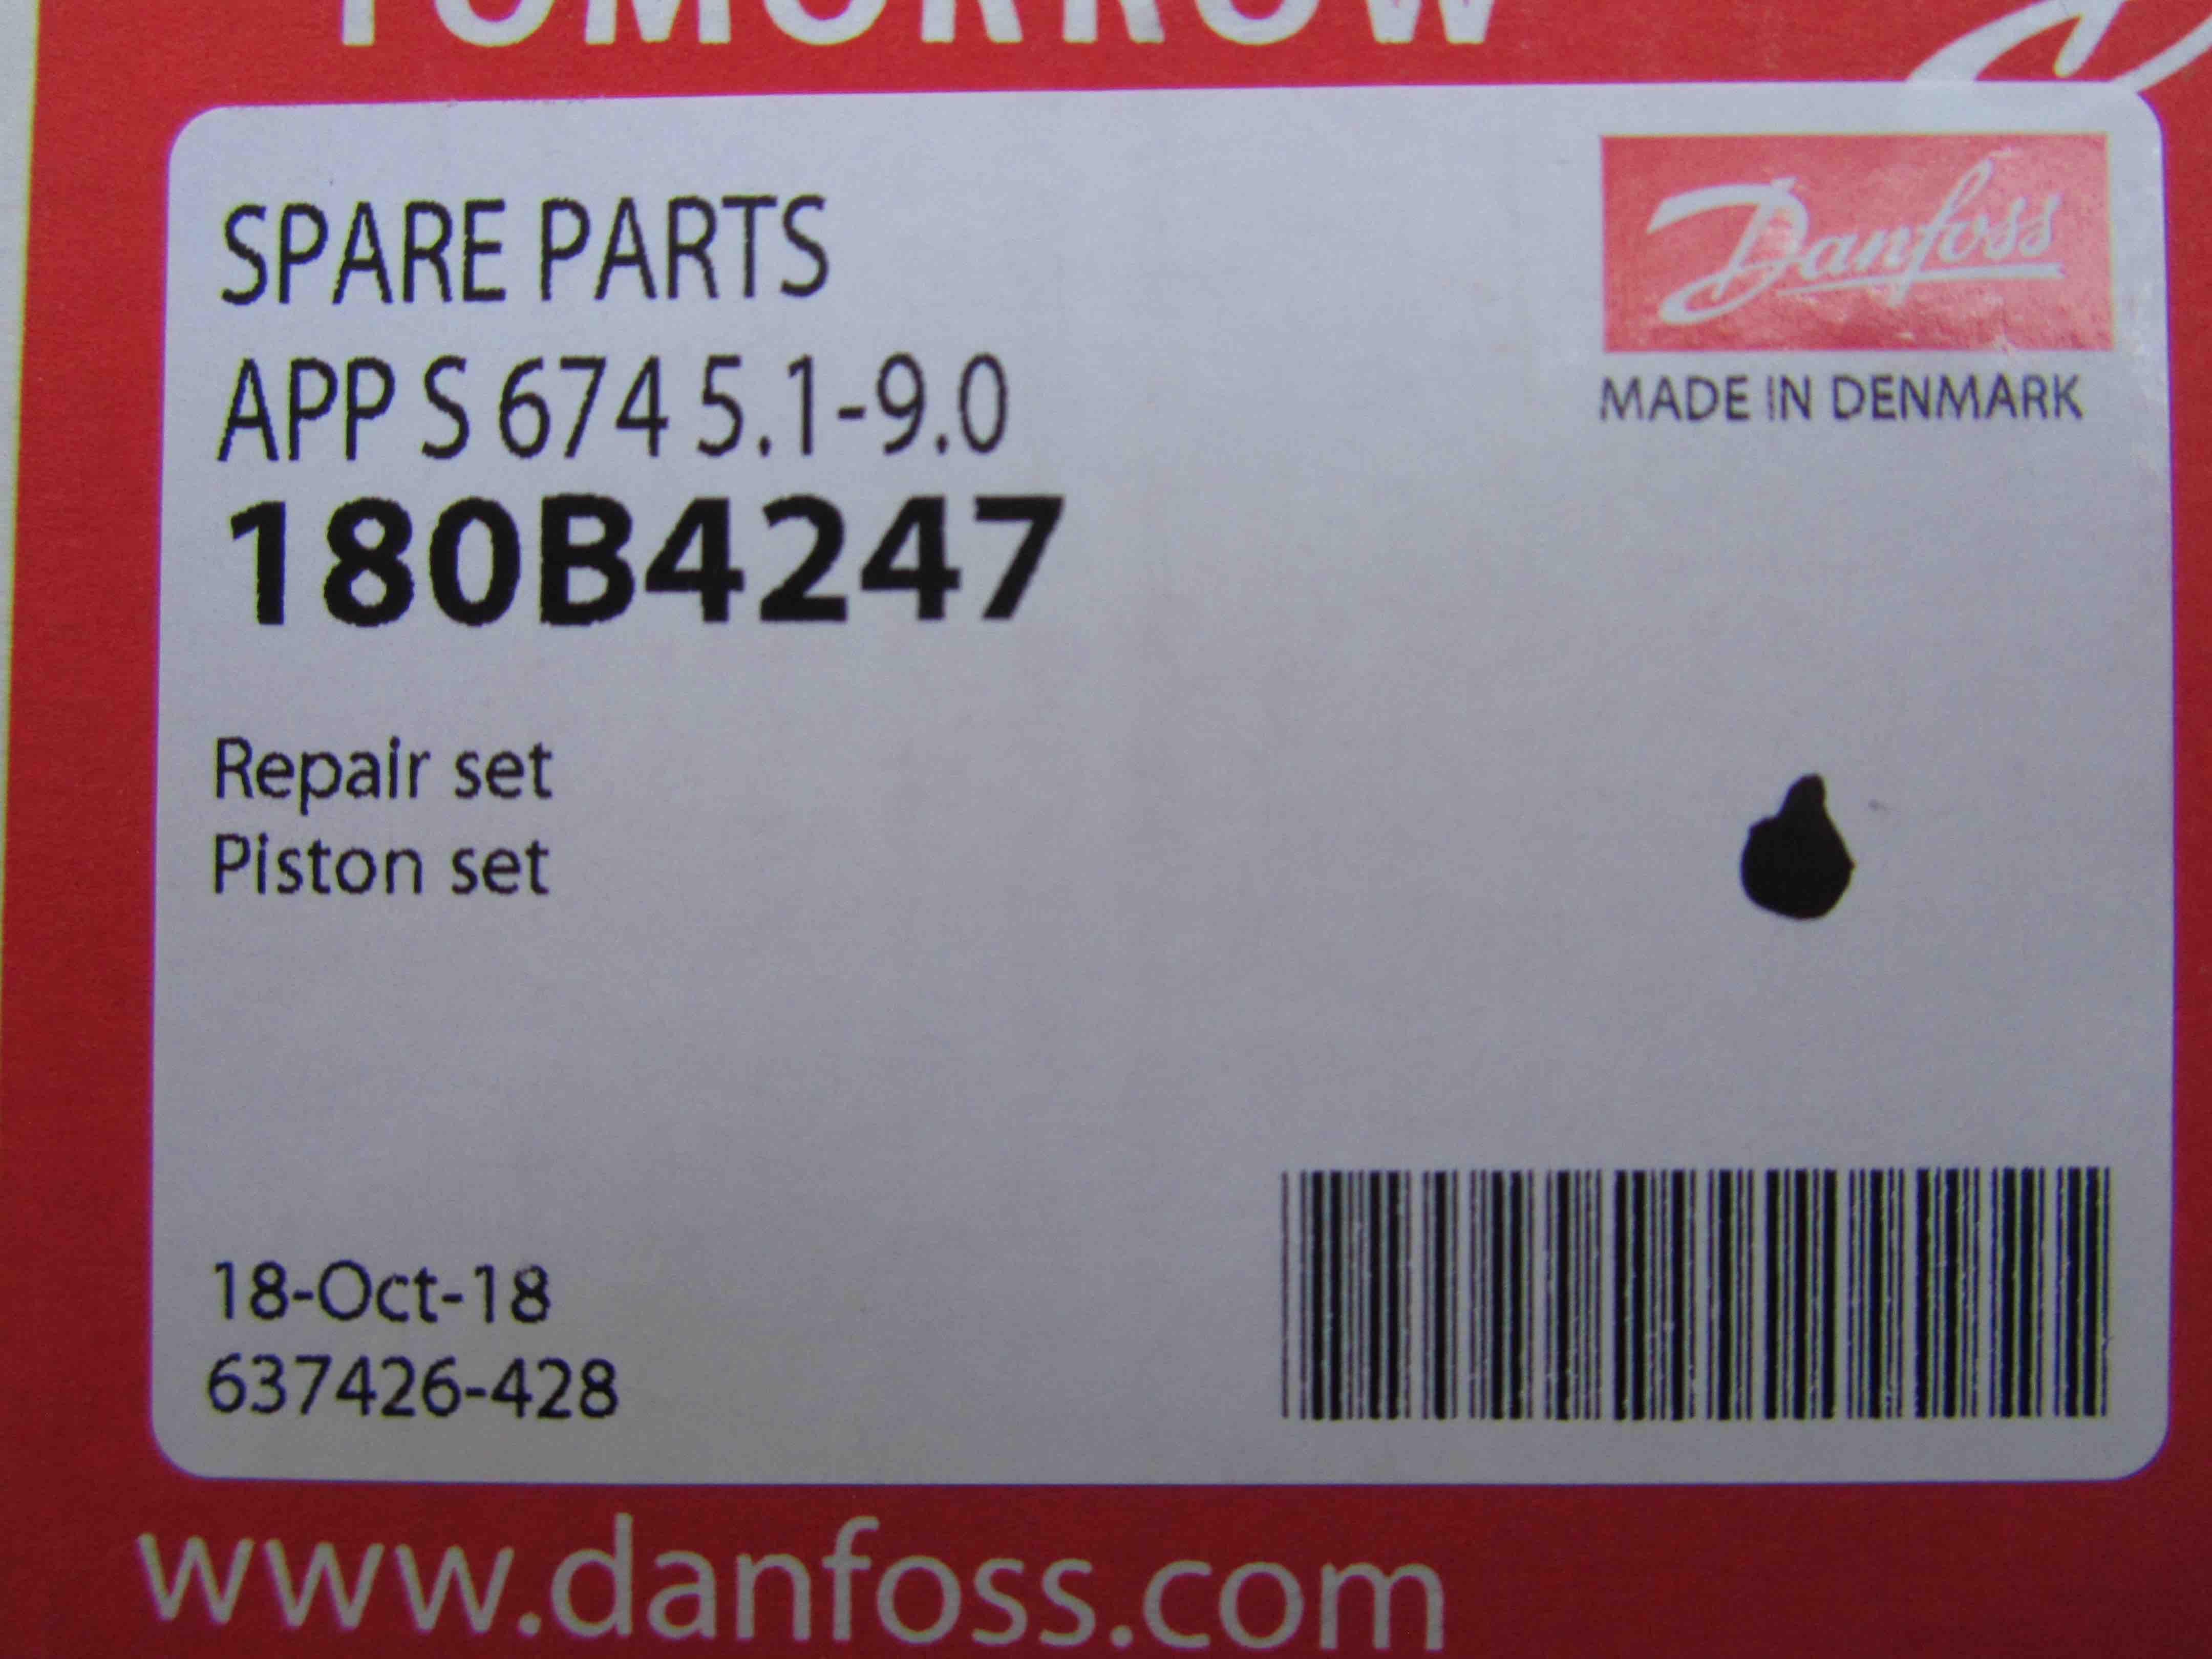 Mobrey Magnetic Level Switches Bestobell Pipe Penetration Fire Oil Seal Kit Kc Mio Danfoss 180b4247